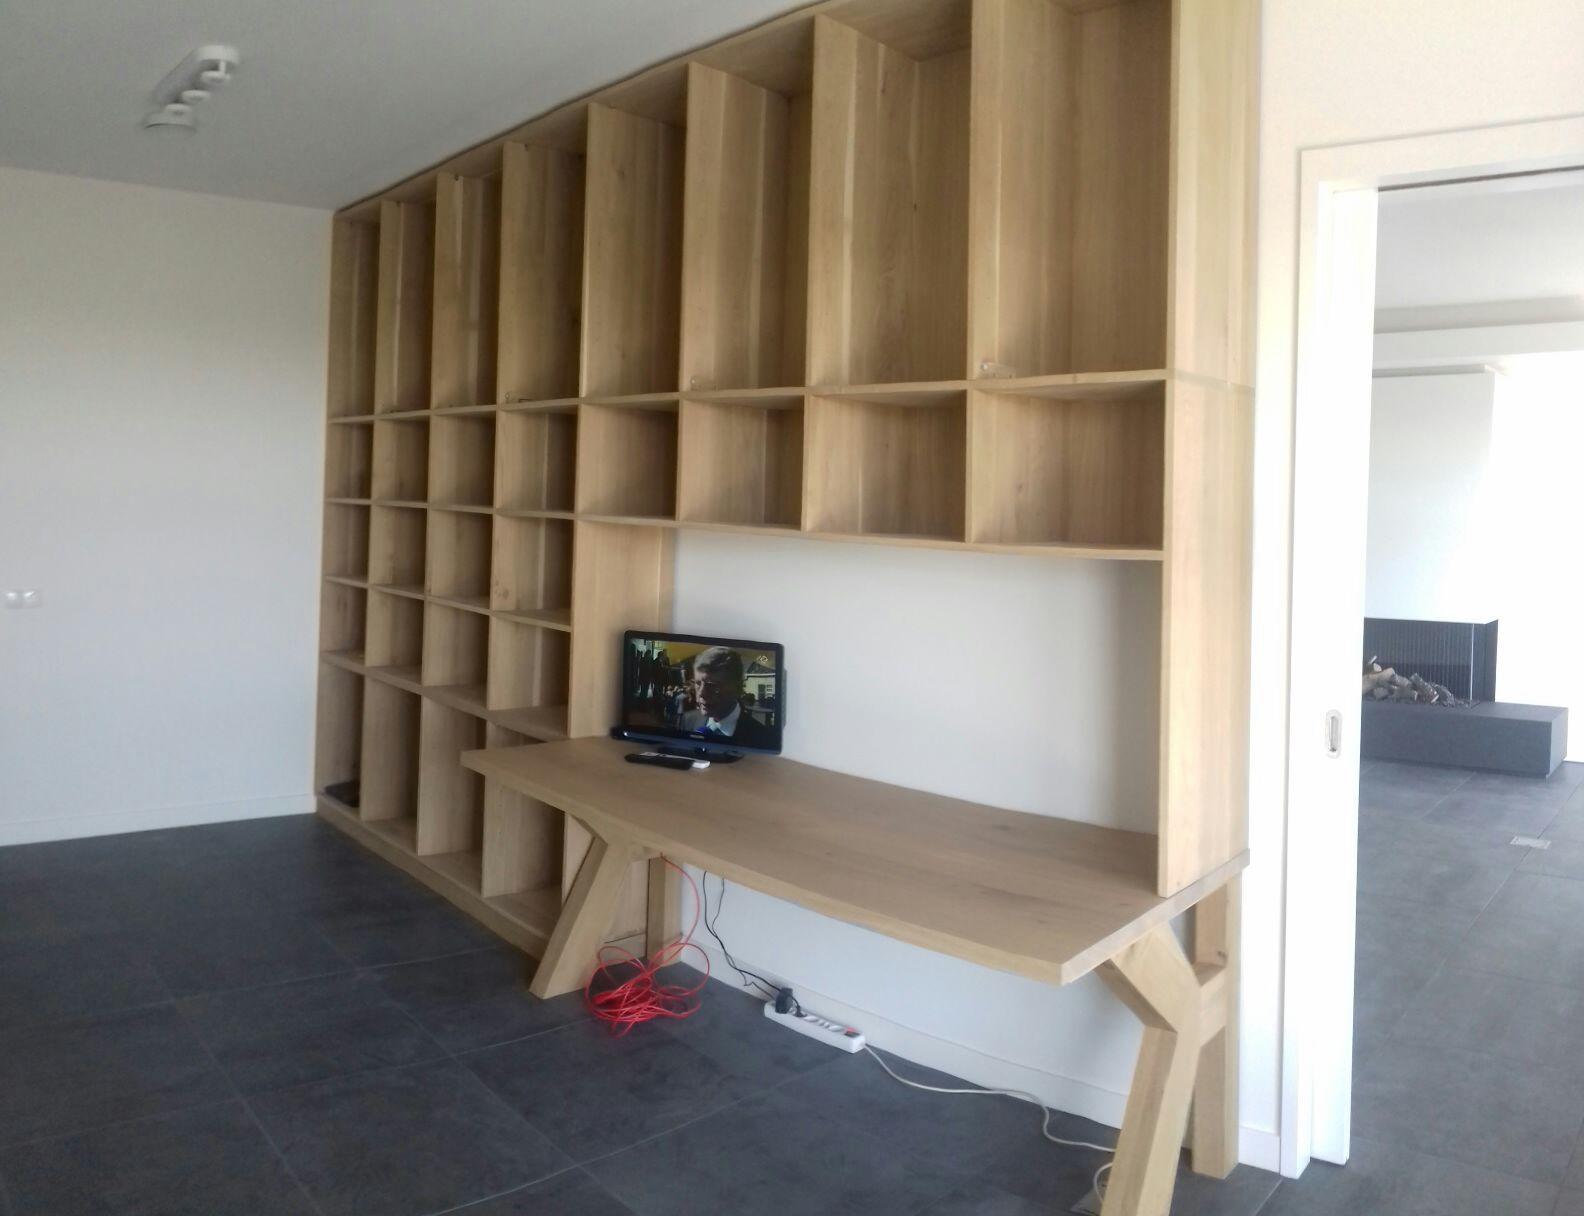 Interieur Woonkamer Eiken : Boekenkasten opmaat in iederen gewenste maat gemaakt van eiken